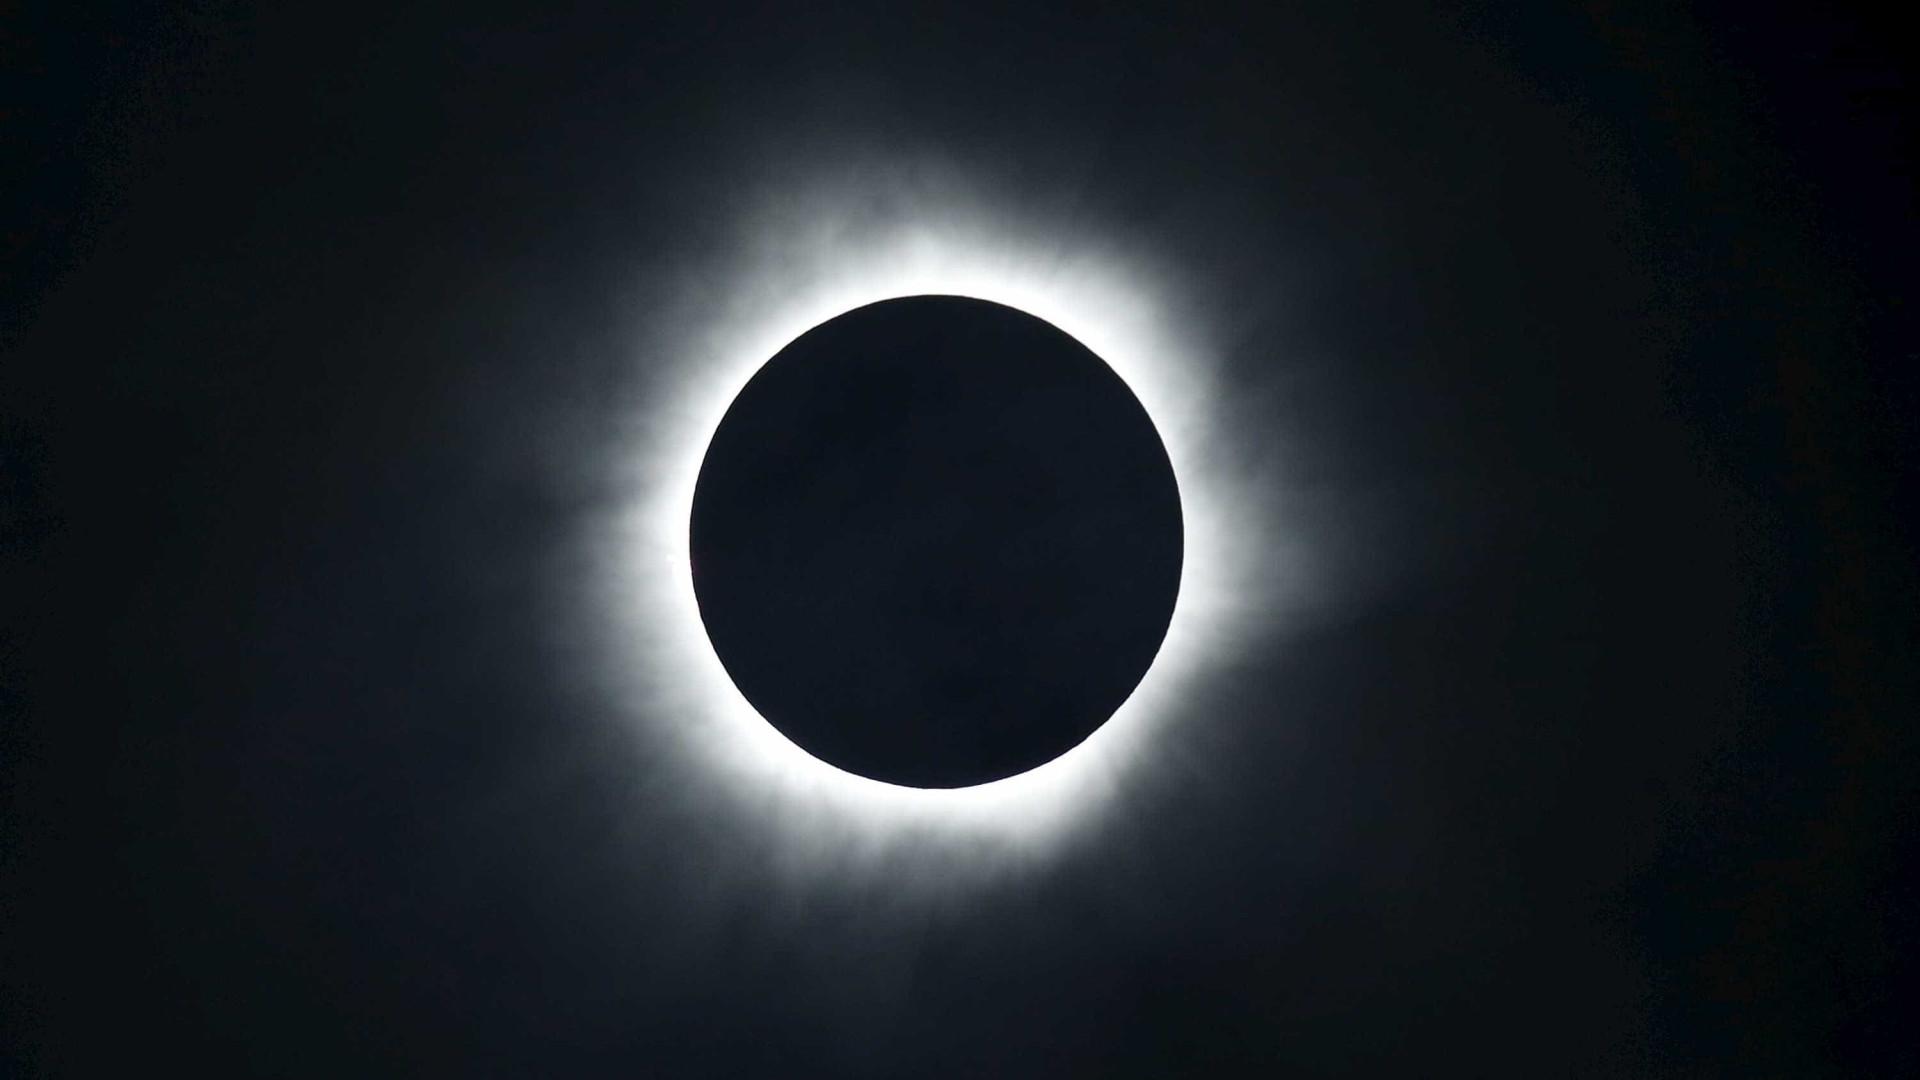 NASA prepara-se para o primeiro eclipse solar visível nos EUA em 99 anos